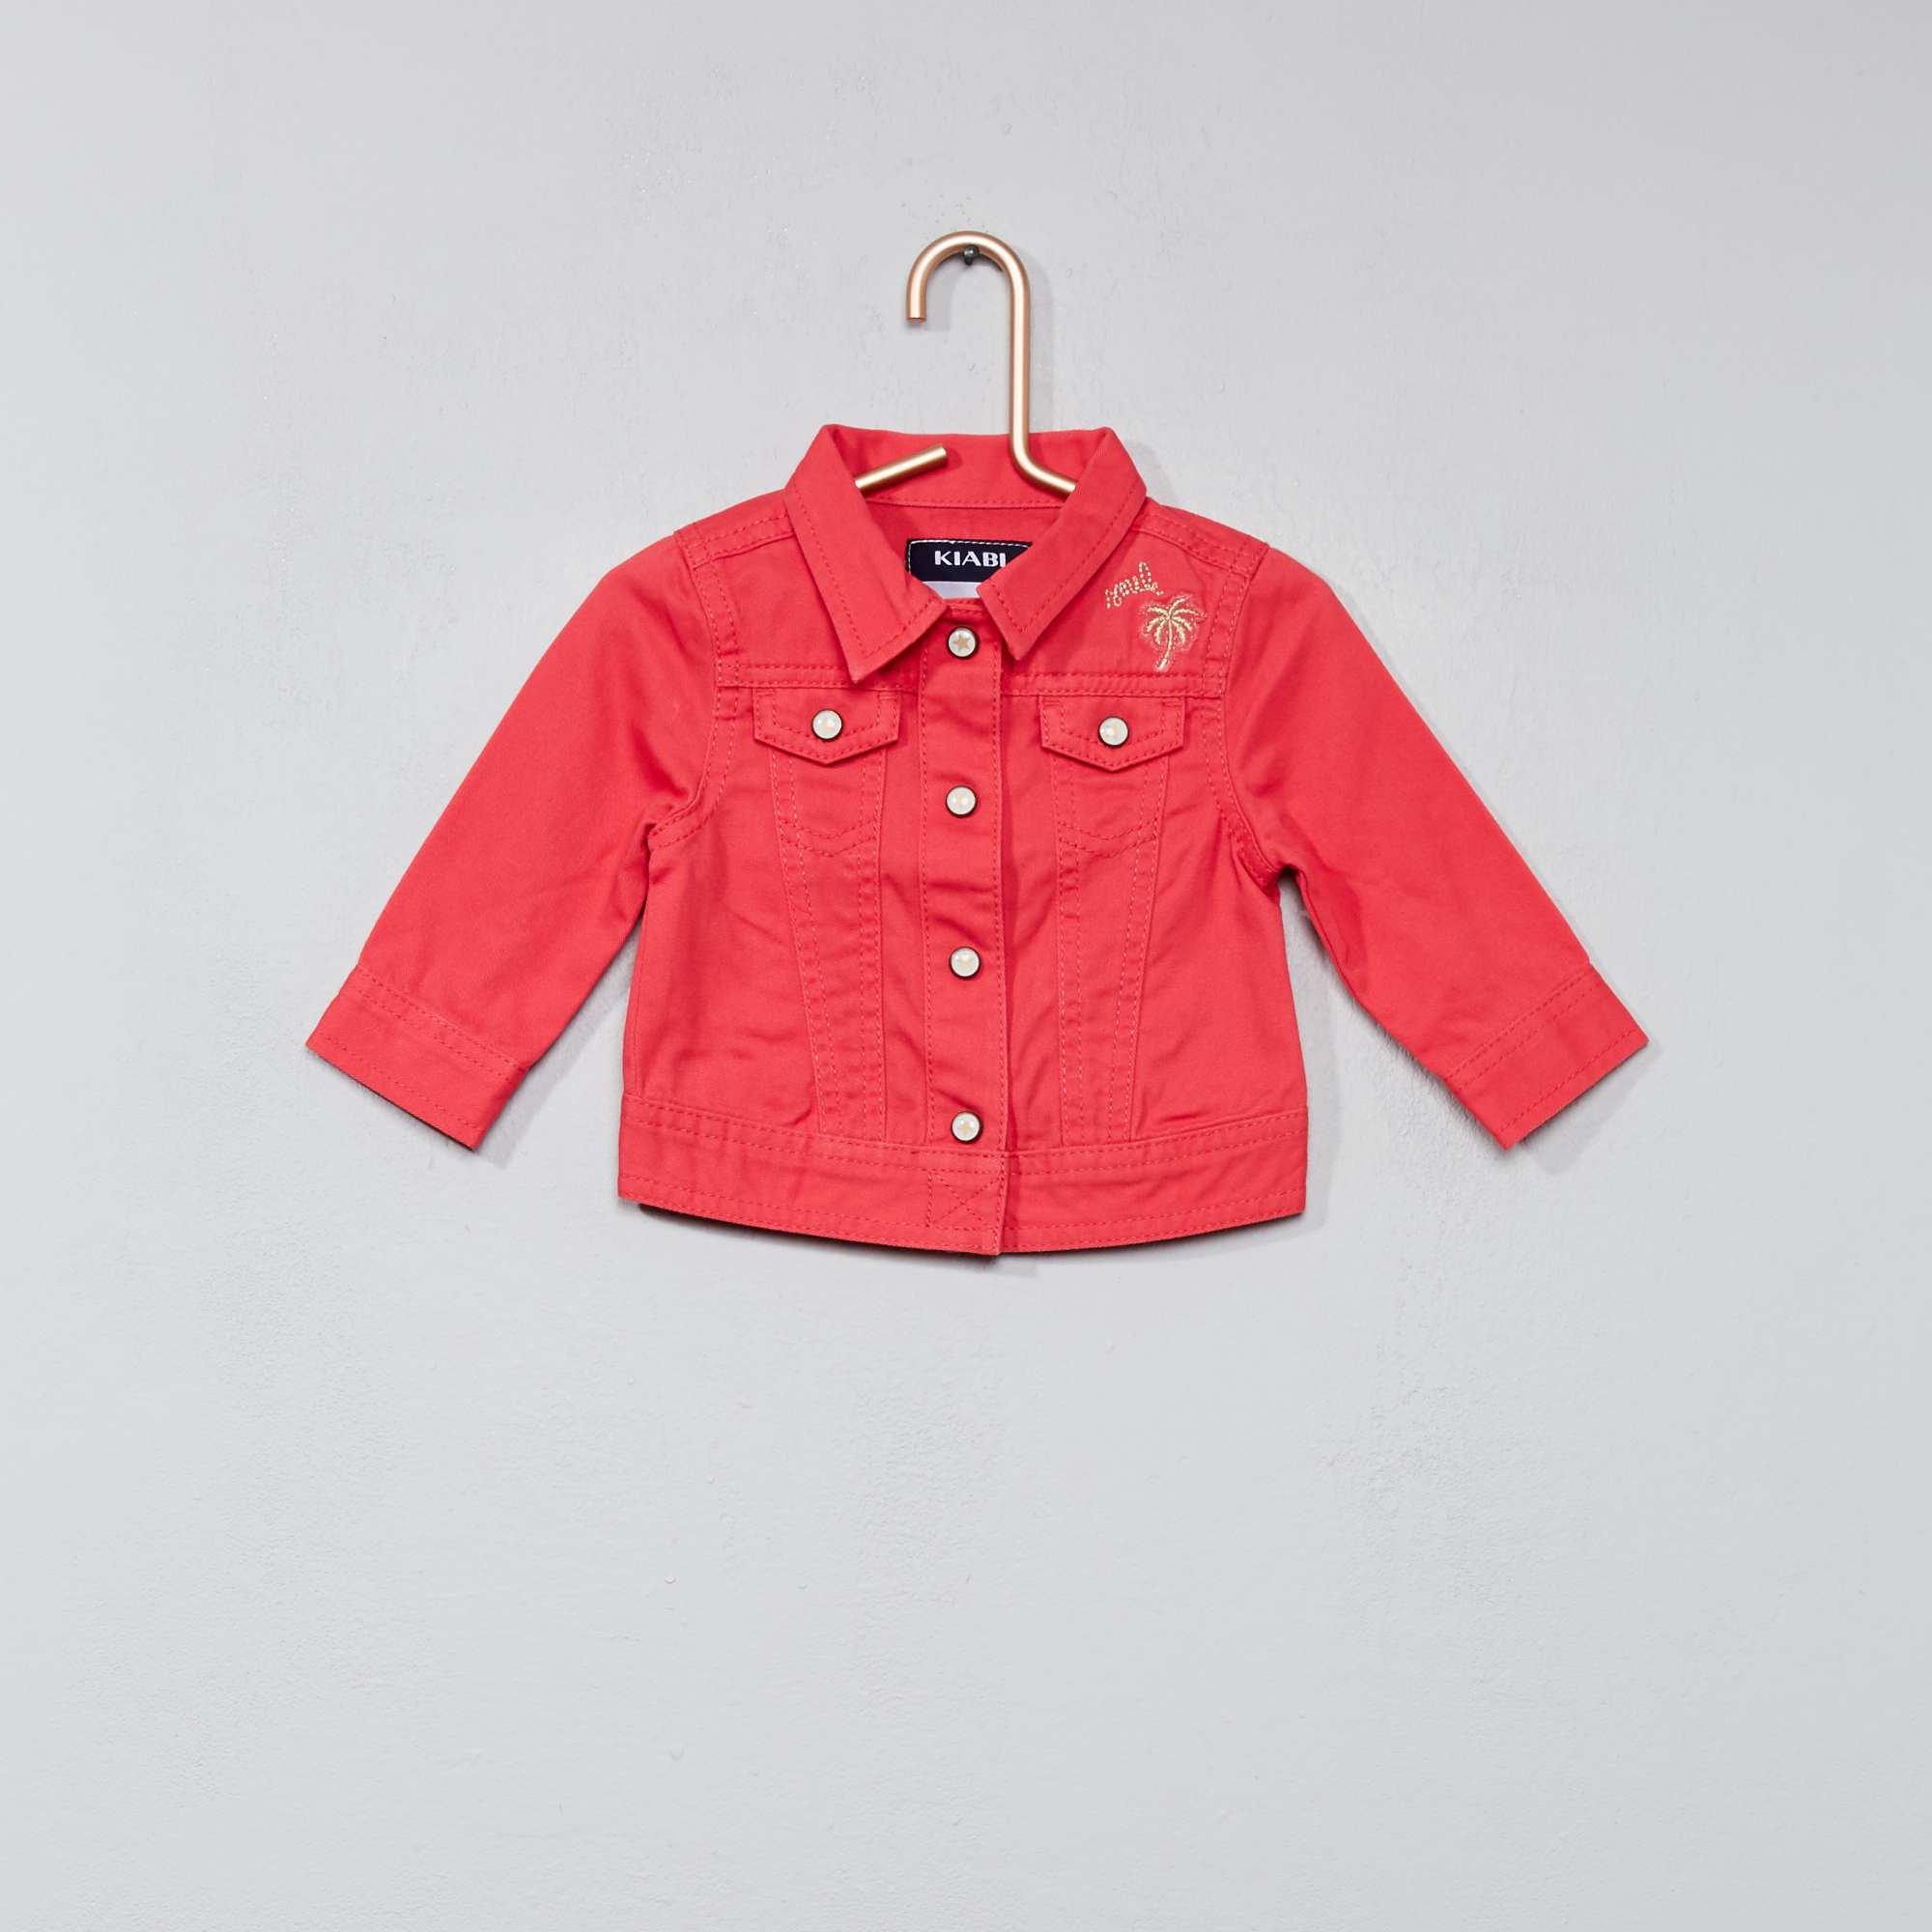 Couleur : rose, , ,, - Taille : 6M, , ,,Lookée comme les grandes ! - Veste en coton - Ouverture devant pressionnée - Bout